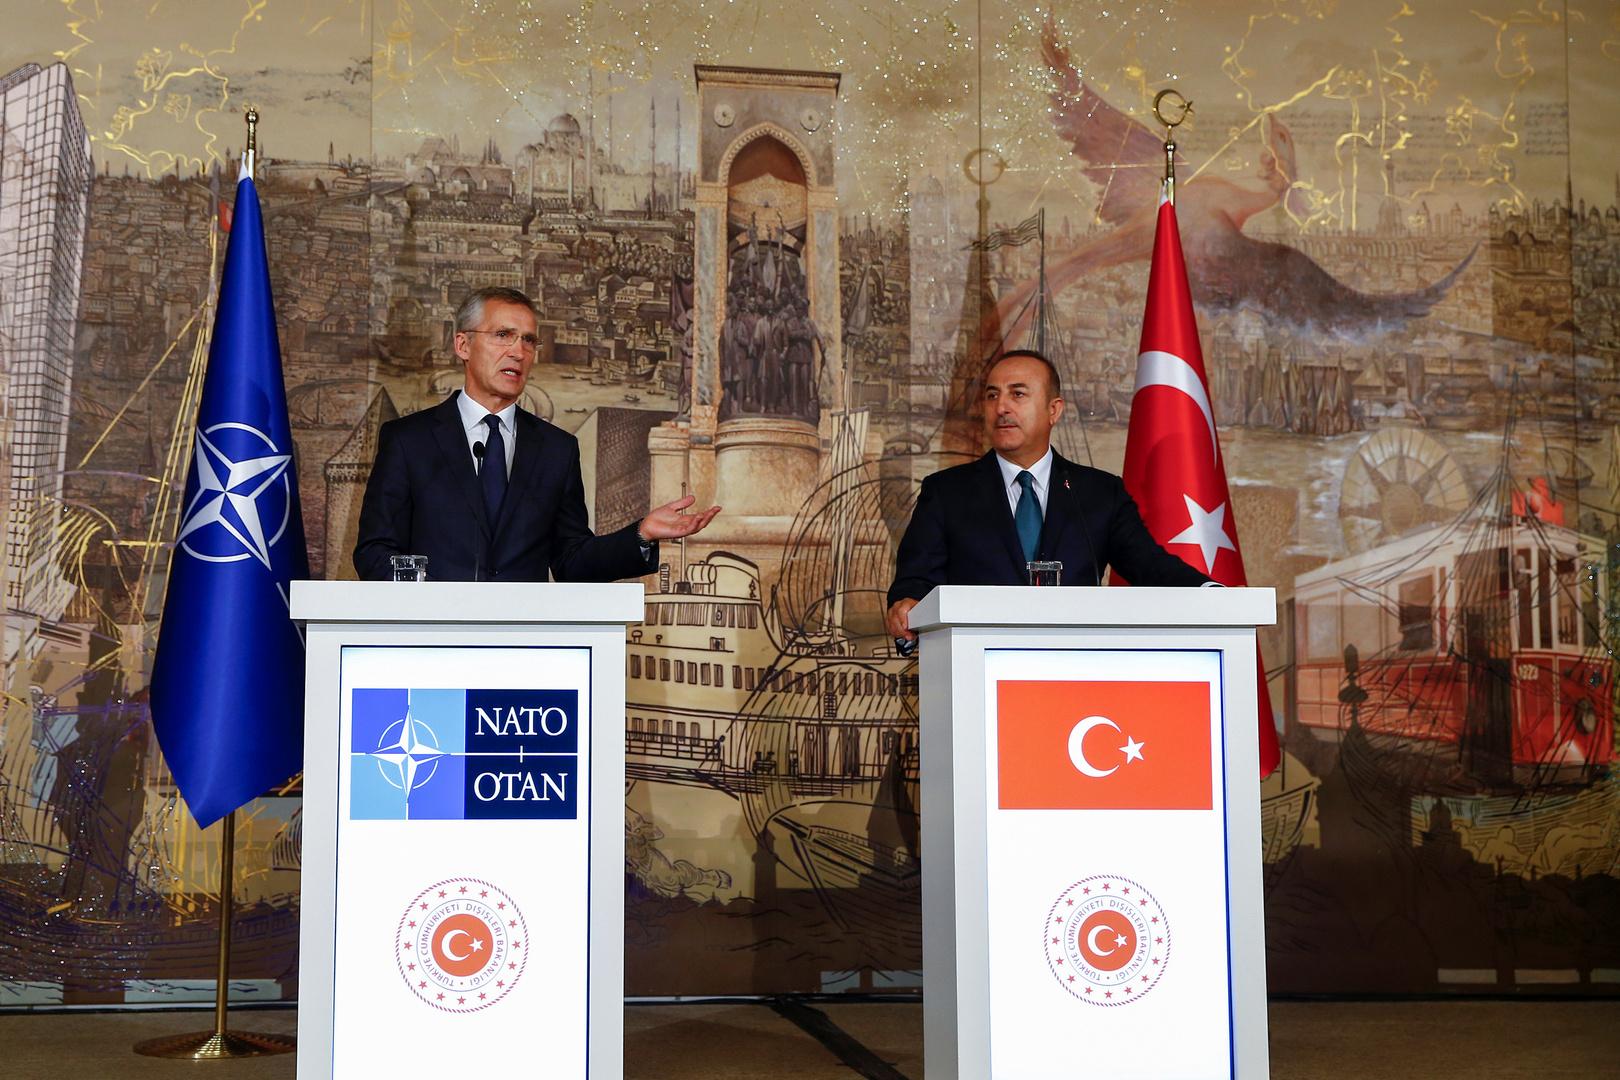 تركيا تدخل في نزاع جديد مع الناتو بسبب روسيا